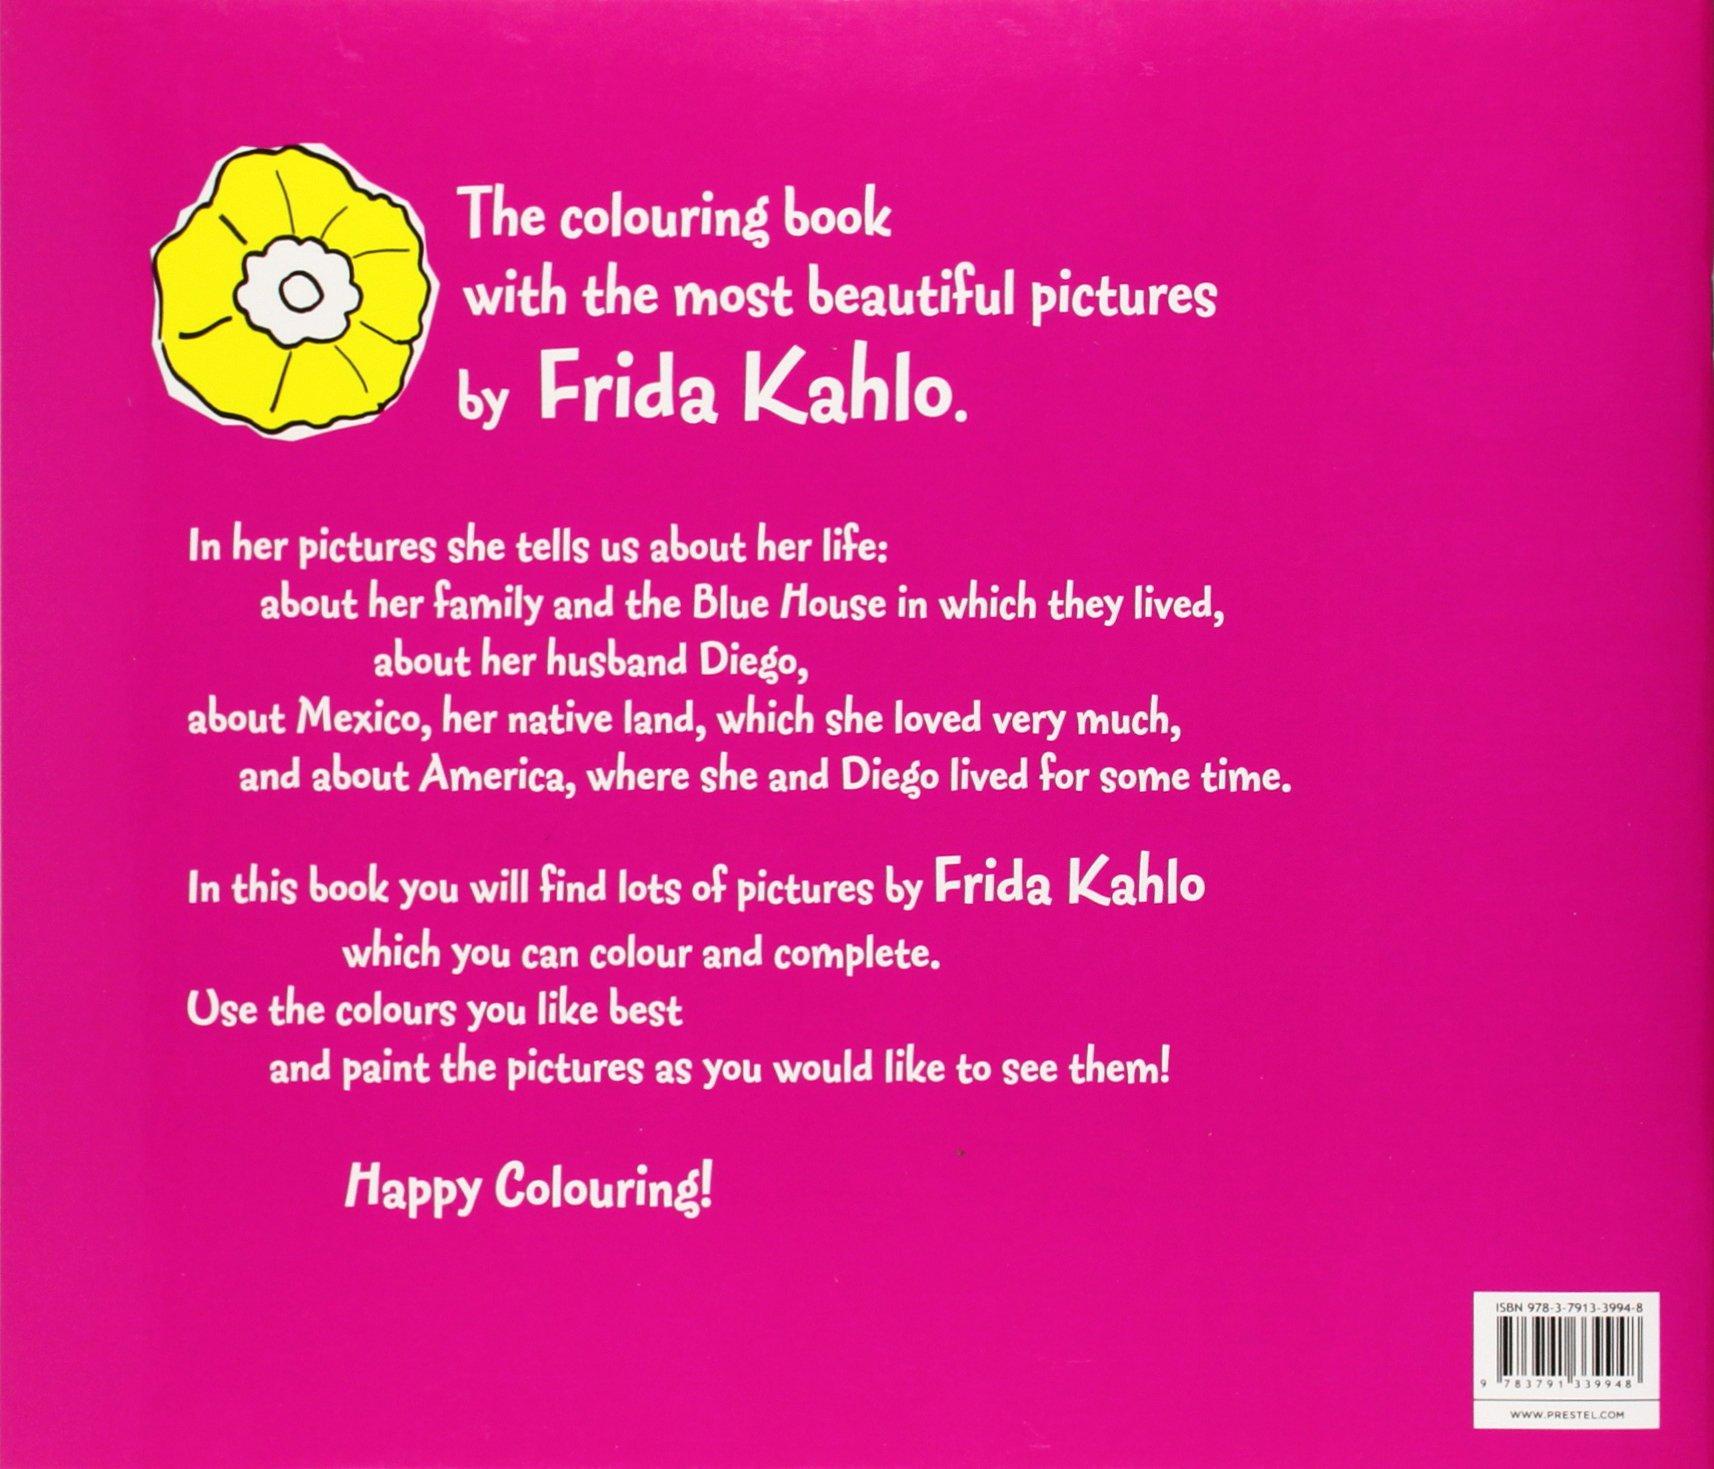 frida kahlo colouring books minis amazon co uk doris